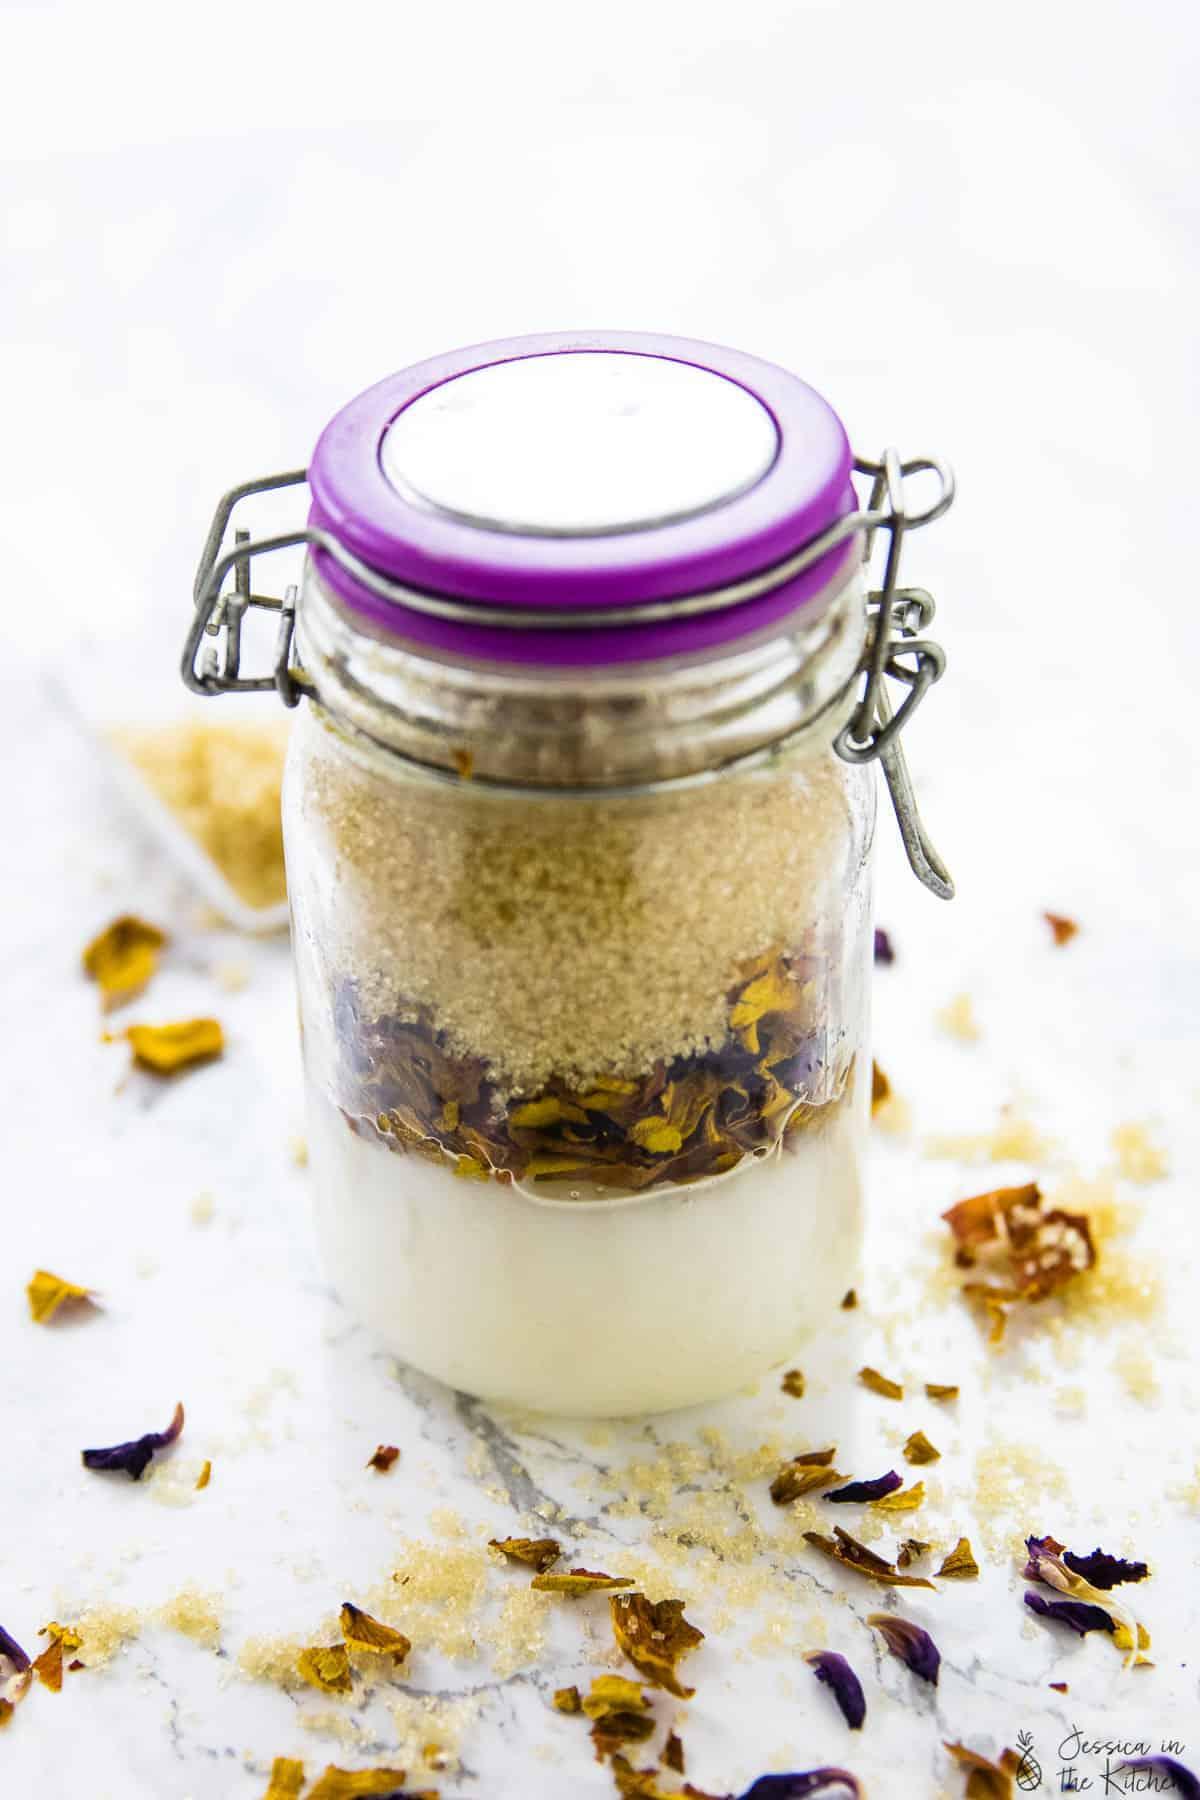 Coconut rose sugar scrub in a closed glass jar.